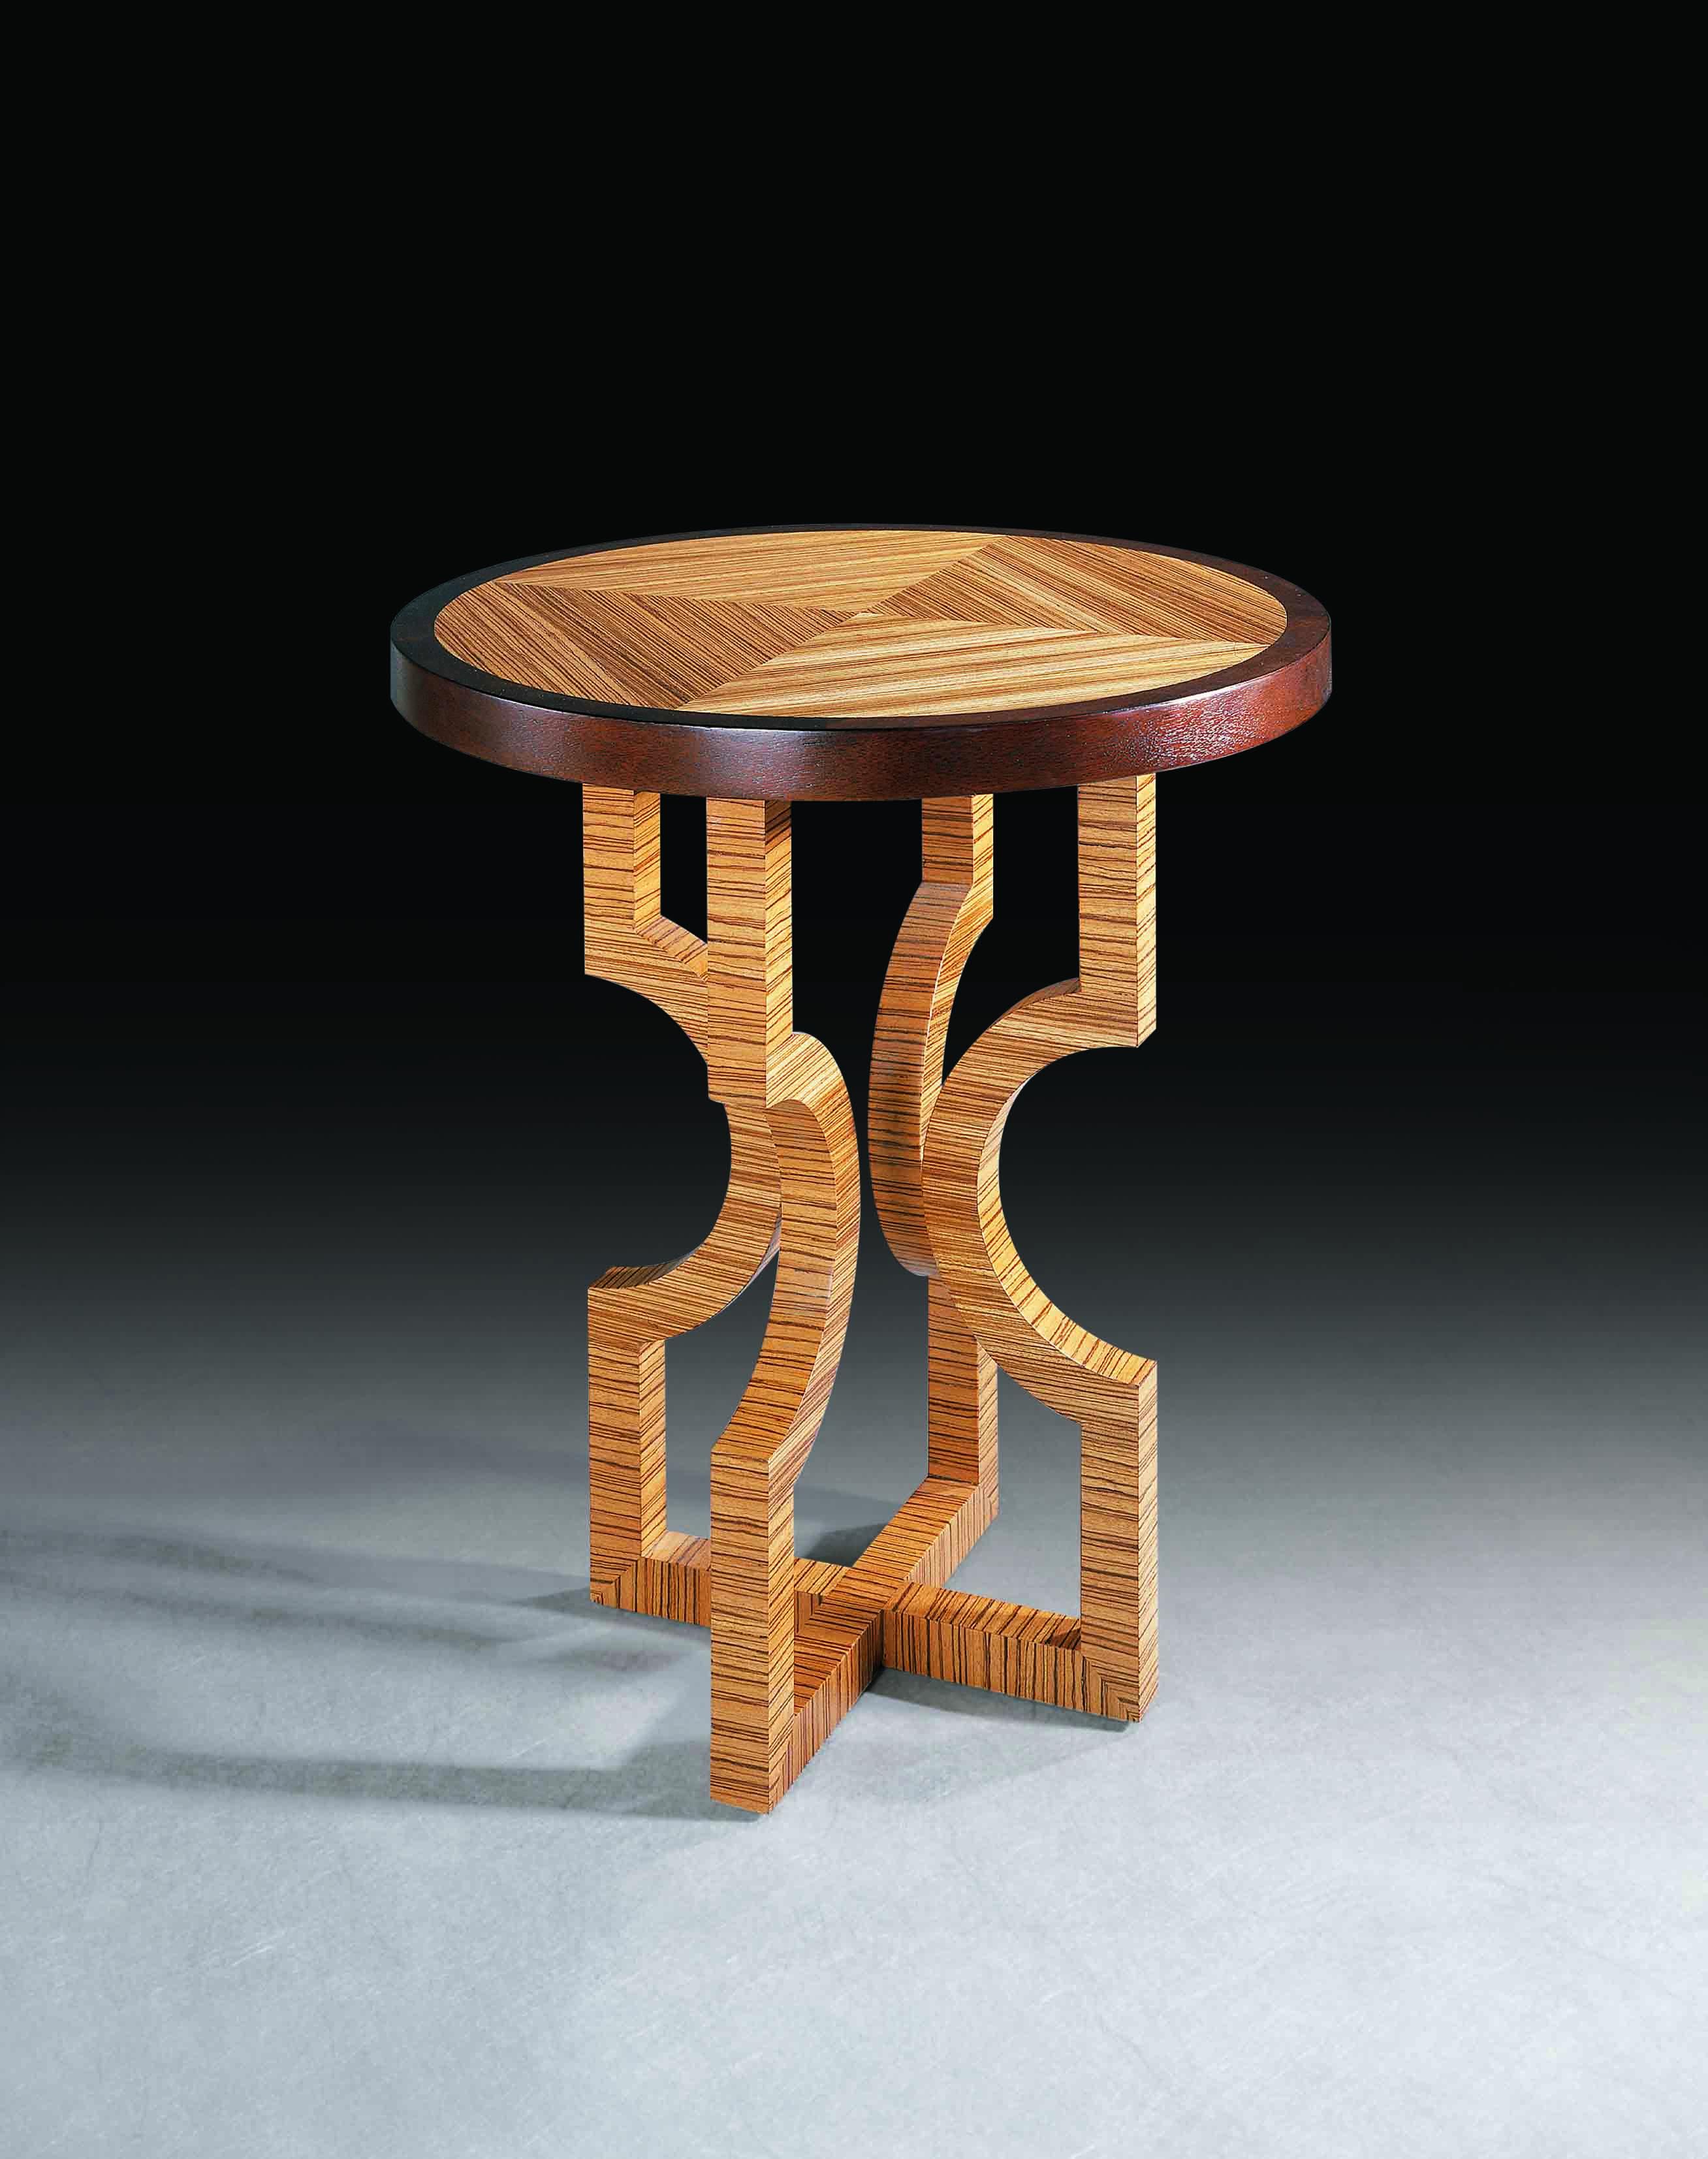 END TABLE ET-202